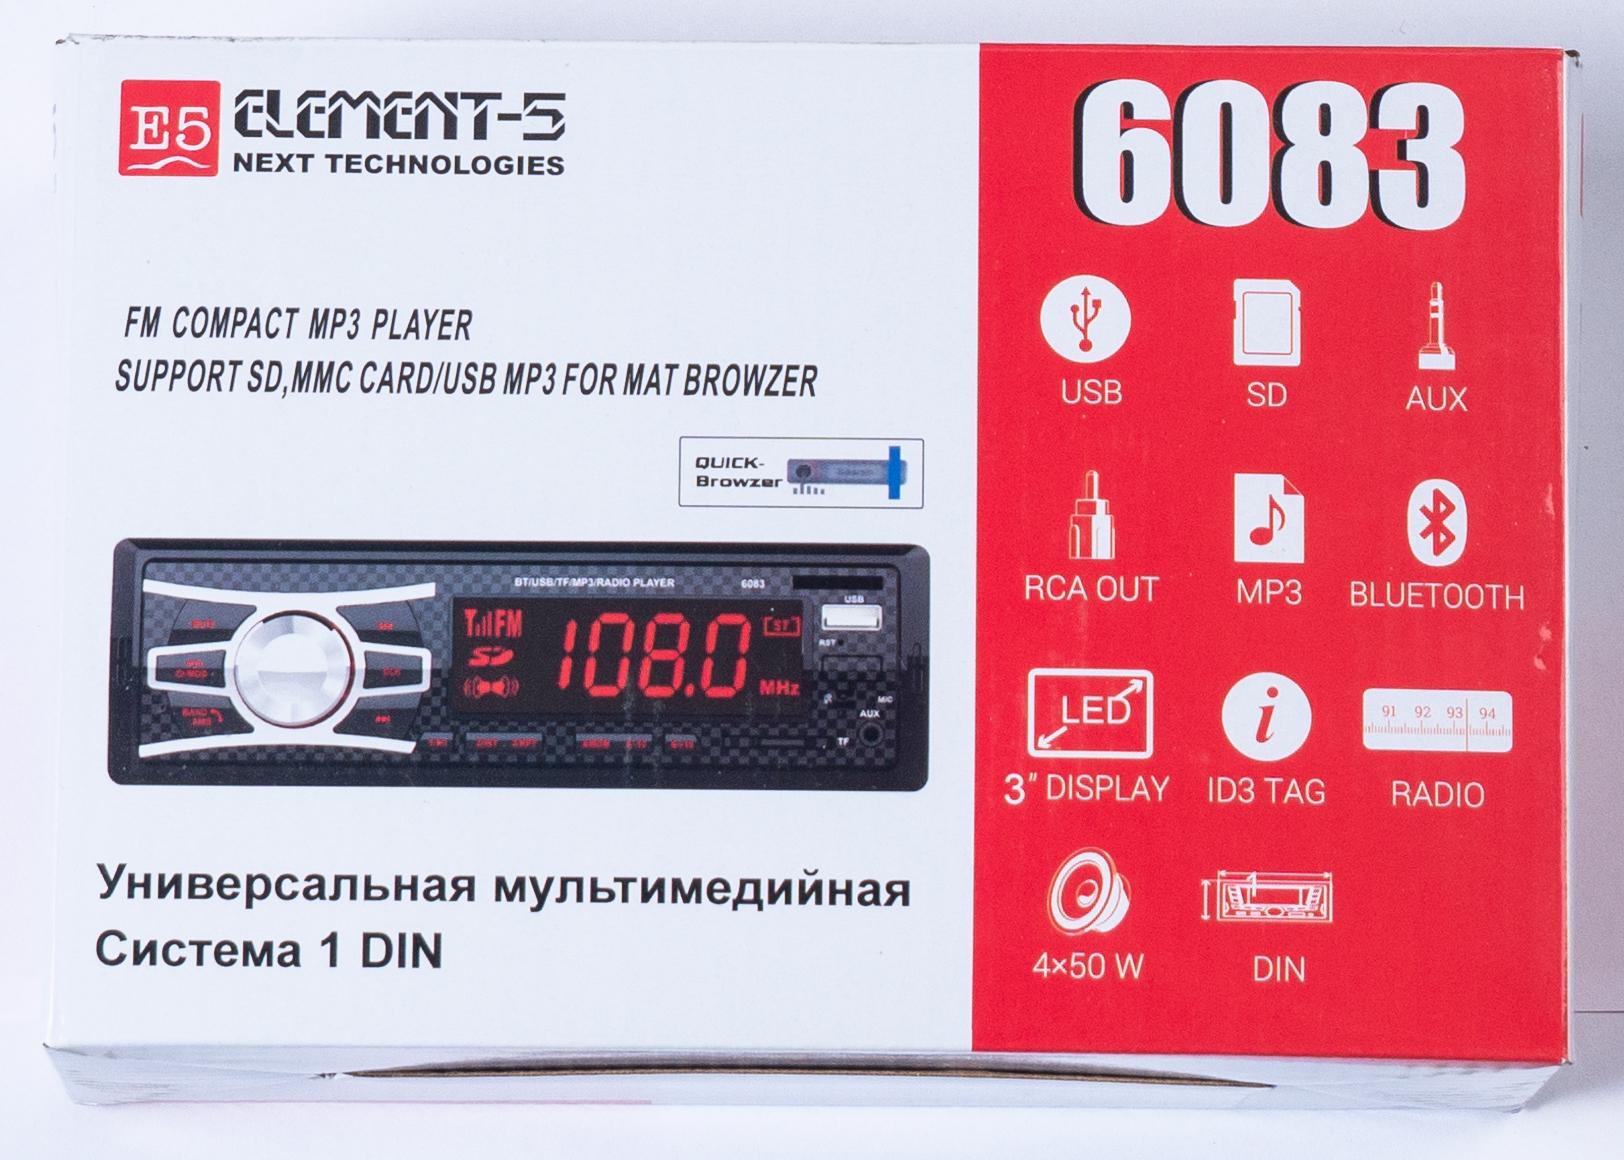 Магнитола E5-1DIN 6083